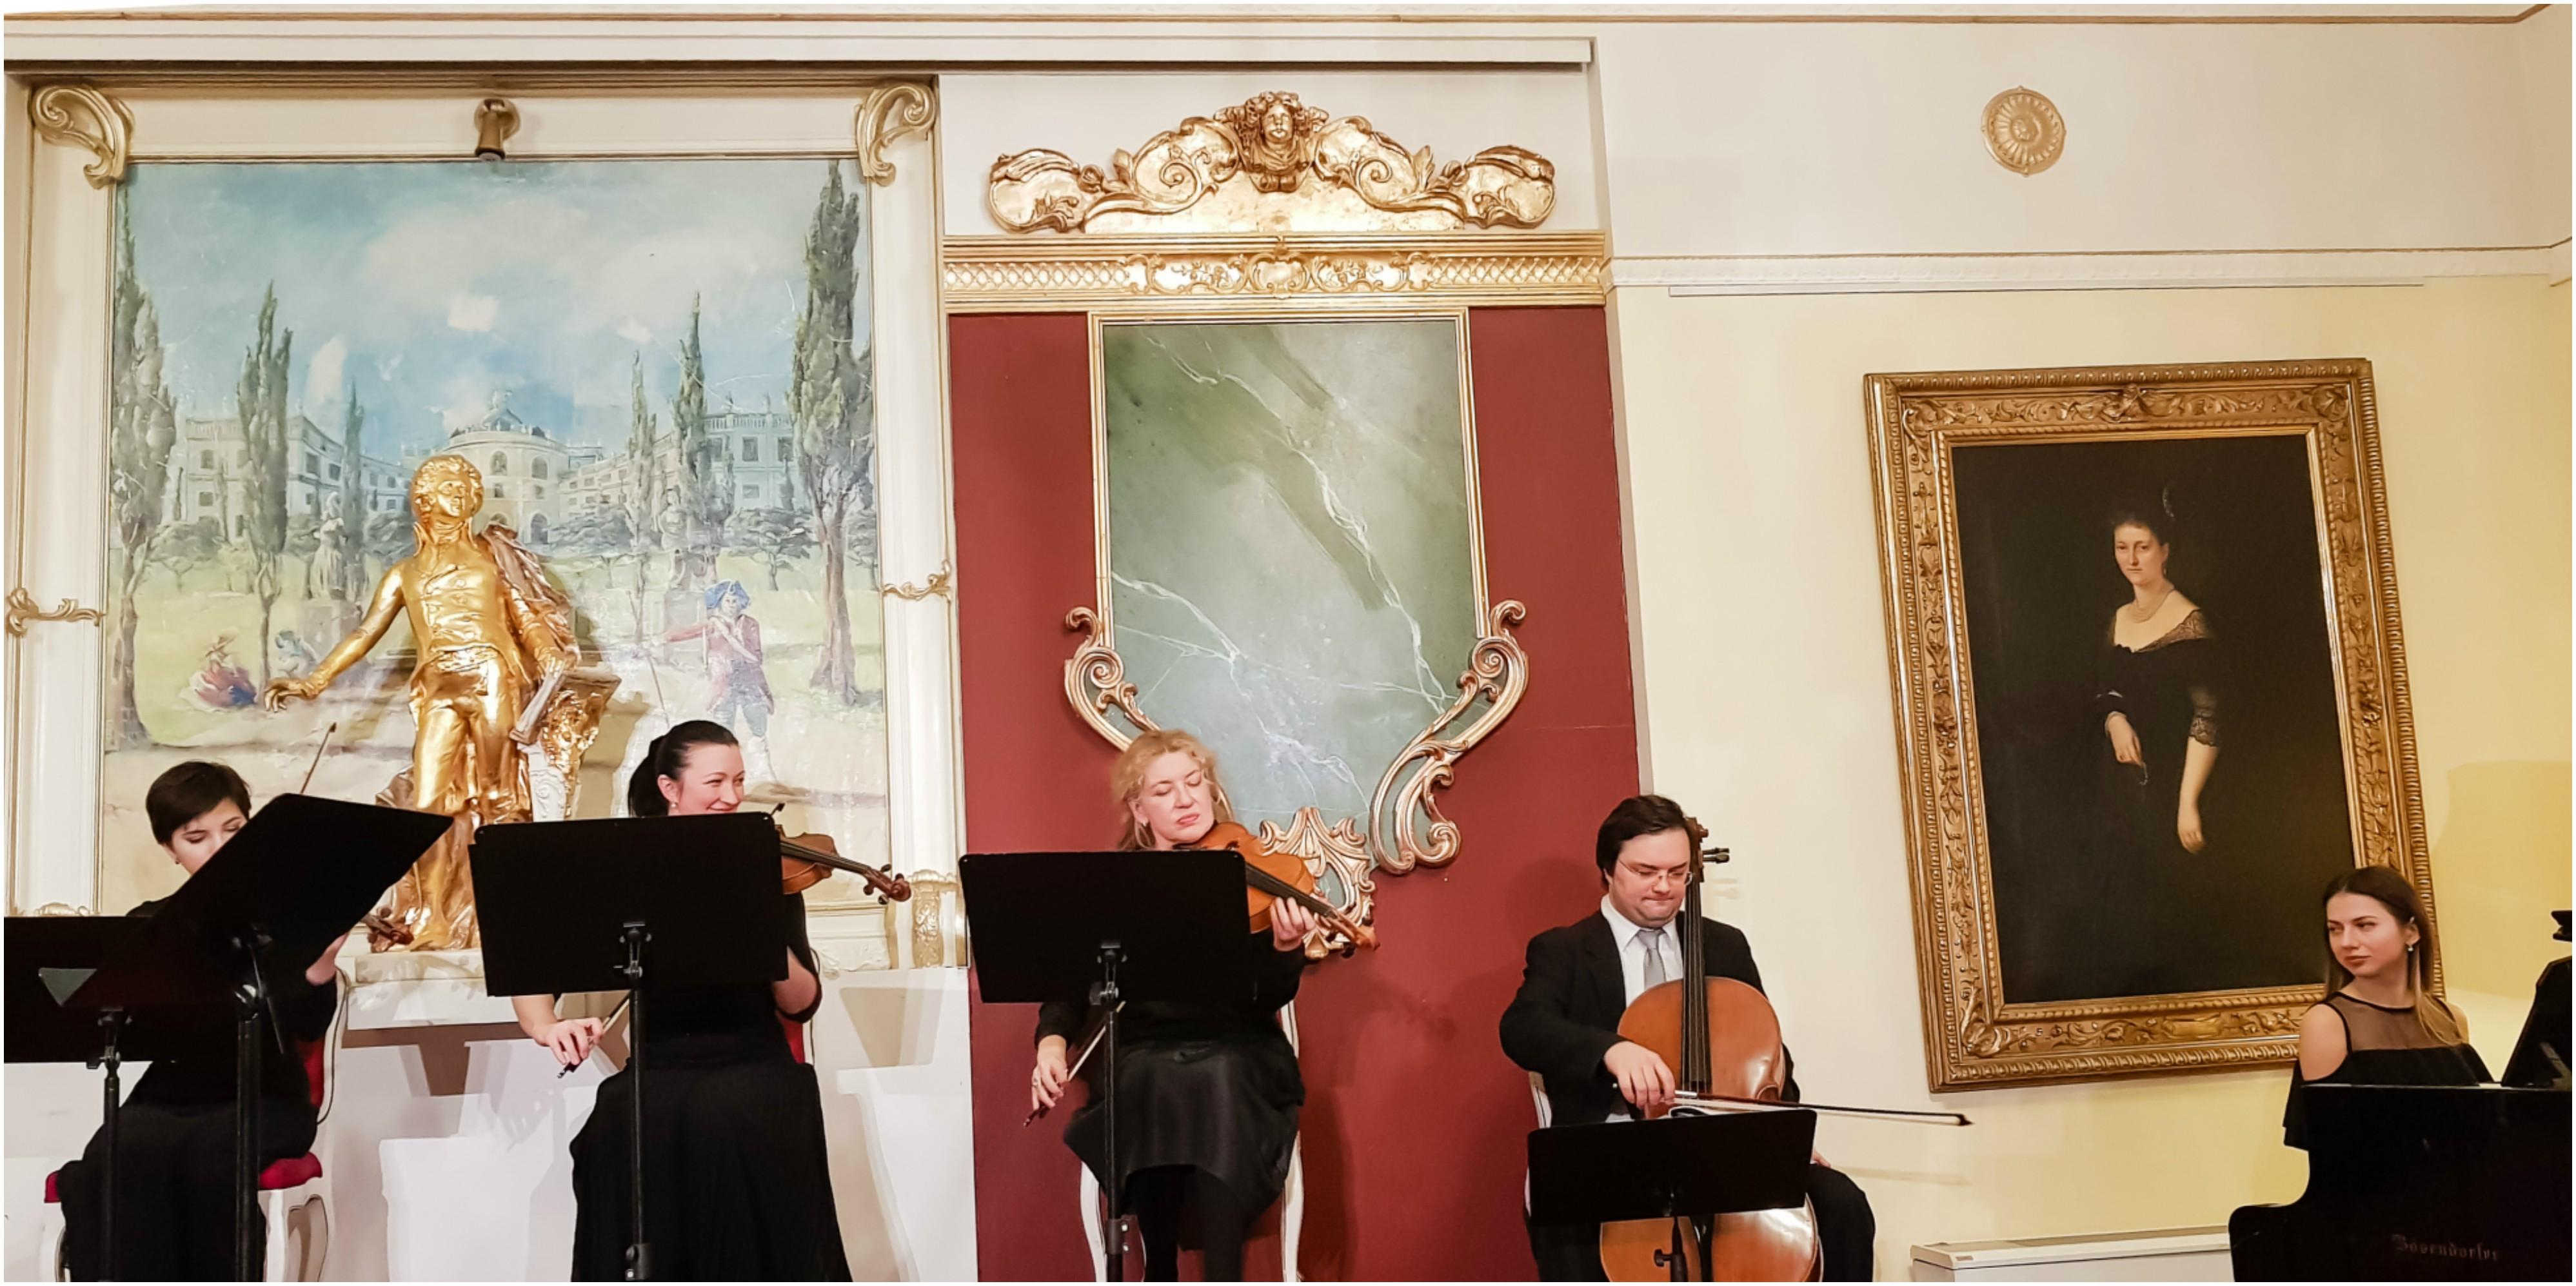 palais-palffy-vienne-opéra-musique-classique